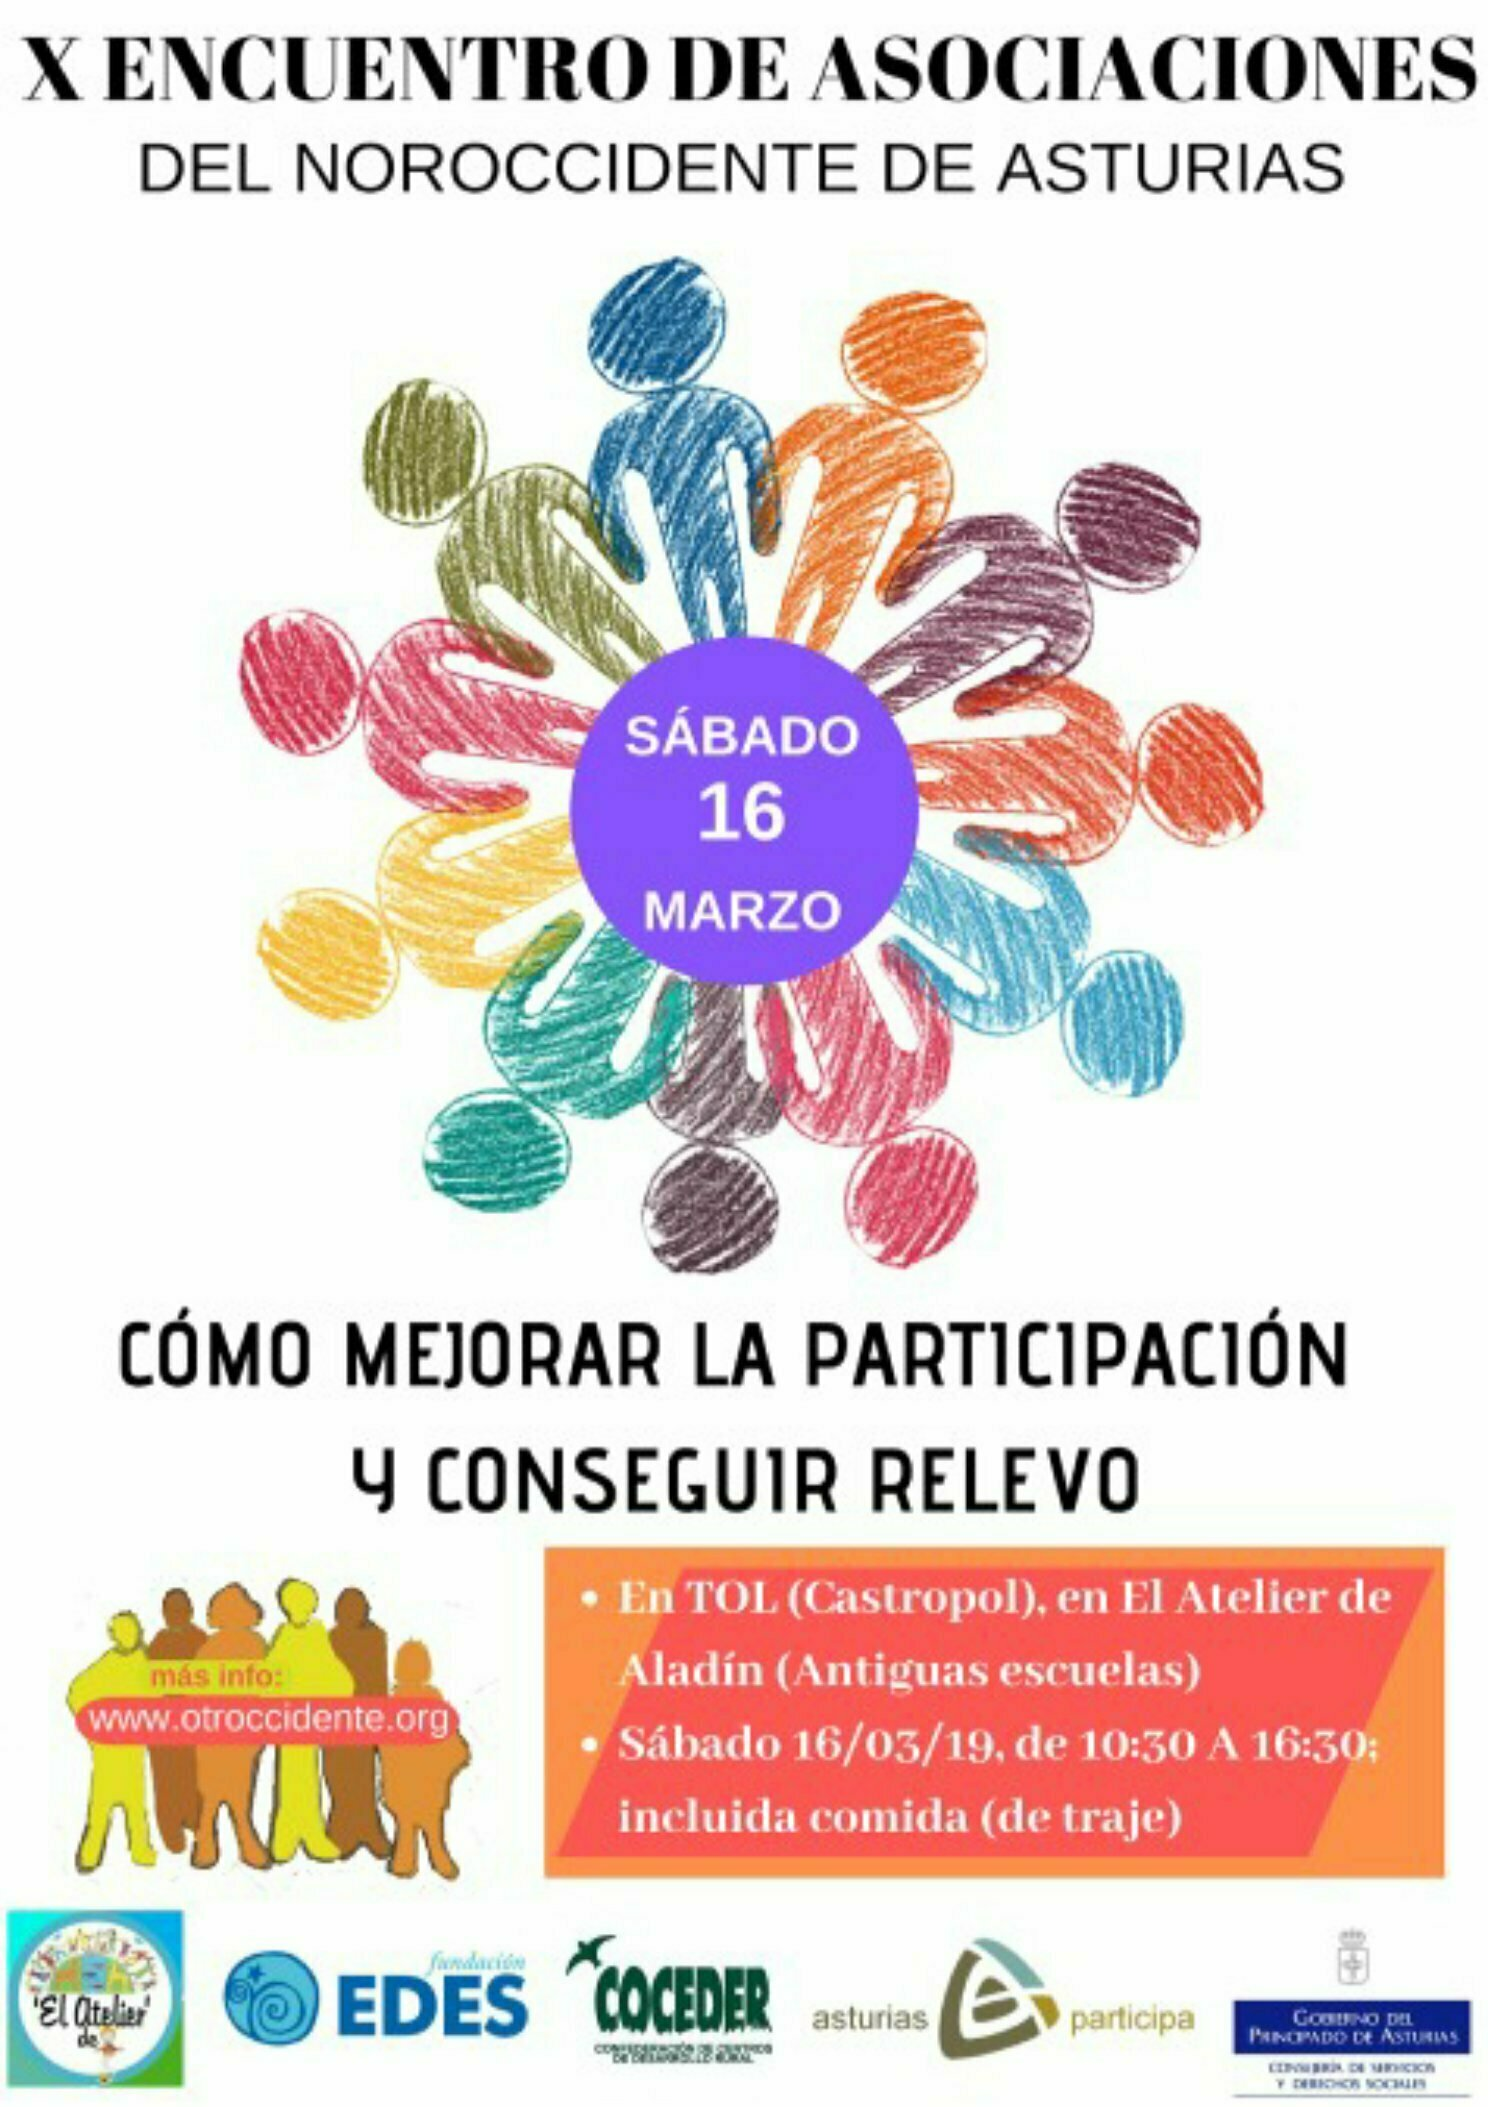 X Encuentro de Asociaciones del Noroccidente en Tol (Castropol), el 16 de marzo,